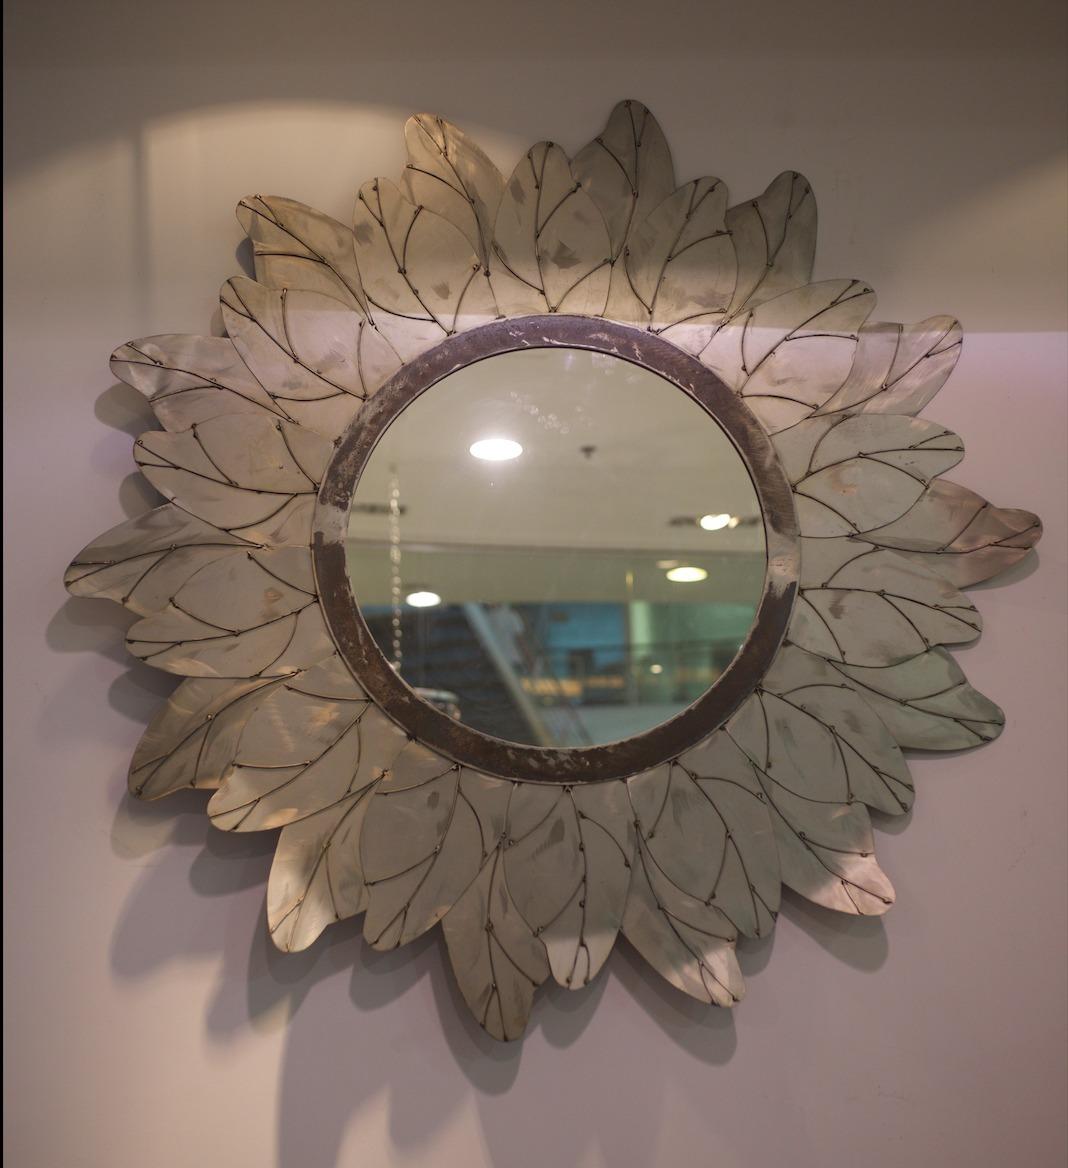 Perfecto 24 X 36 Espejo Enmarcado Fotos - Ideas de Arte Enmarcado ...